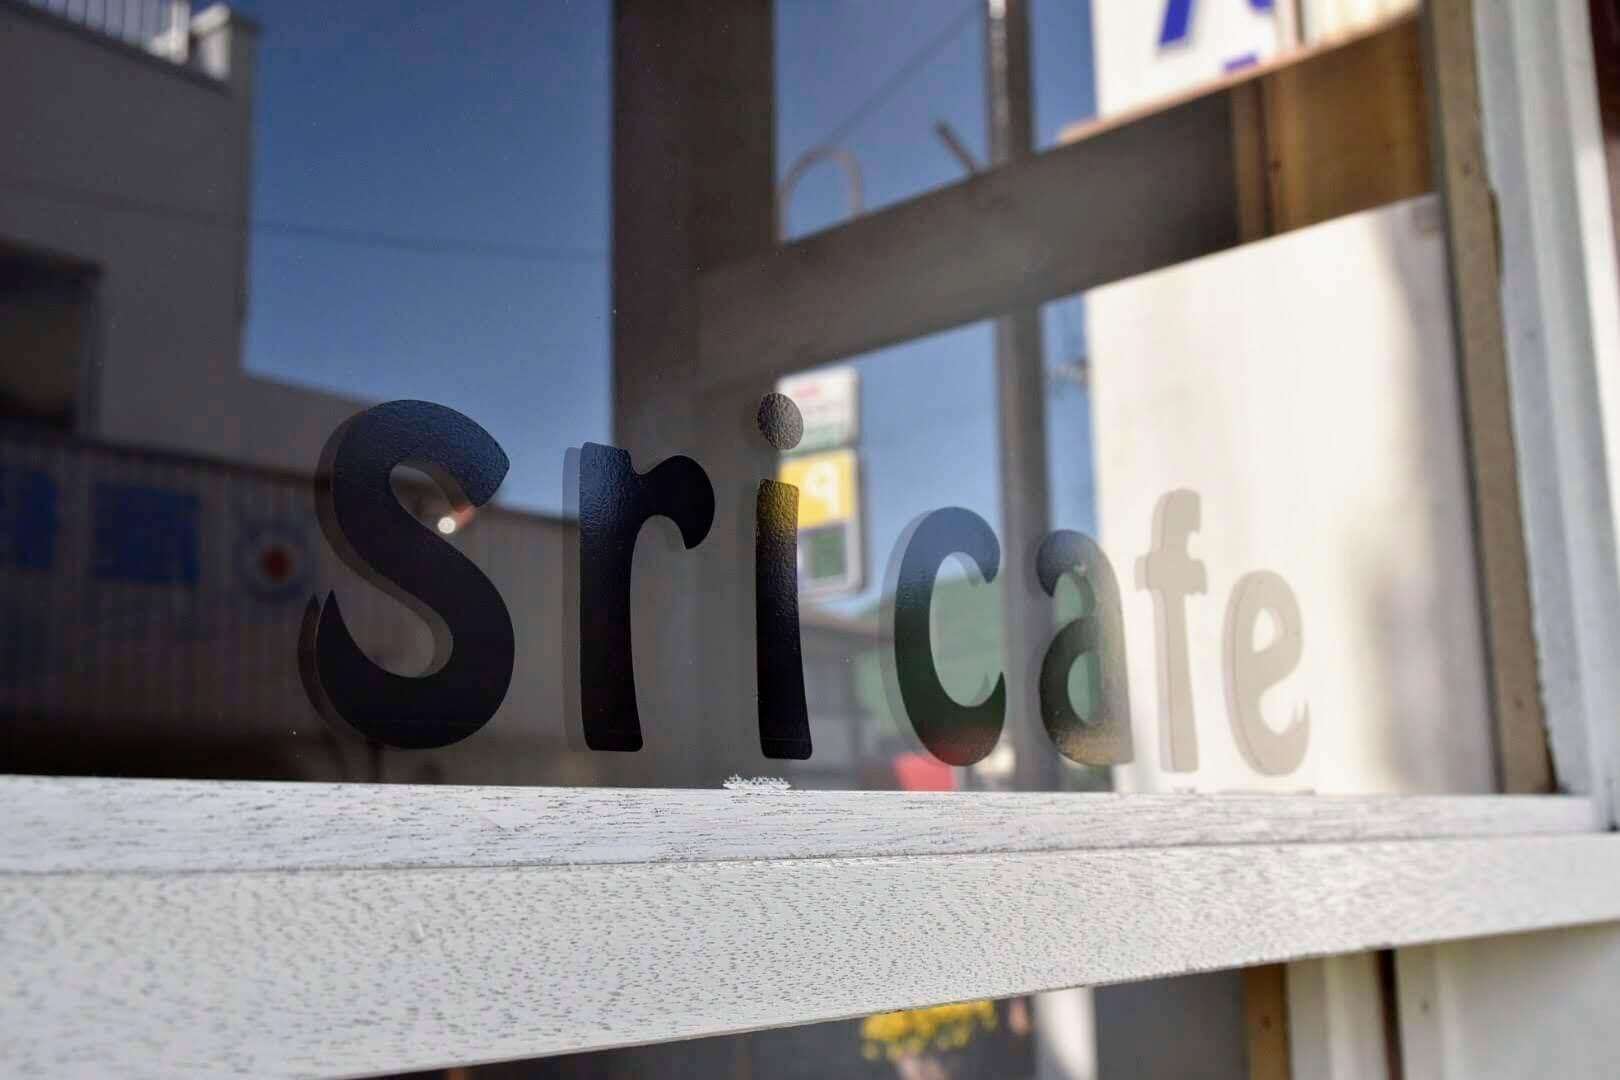 店名『sri cafe』の読み方